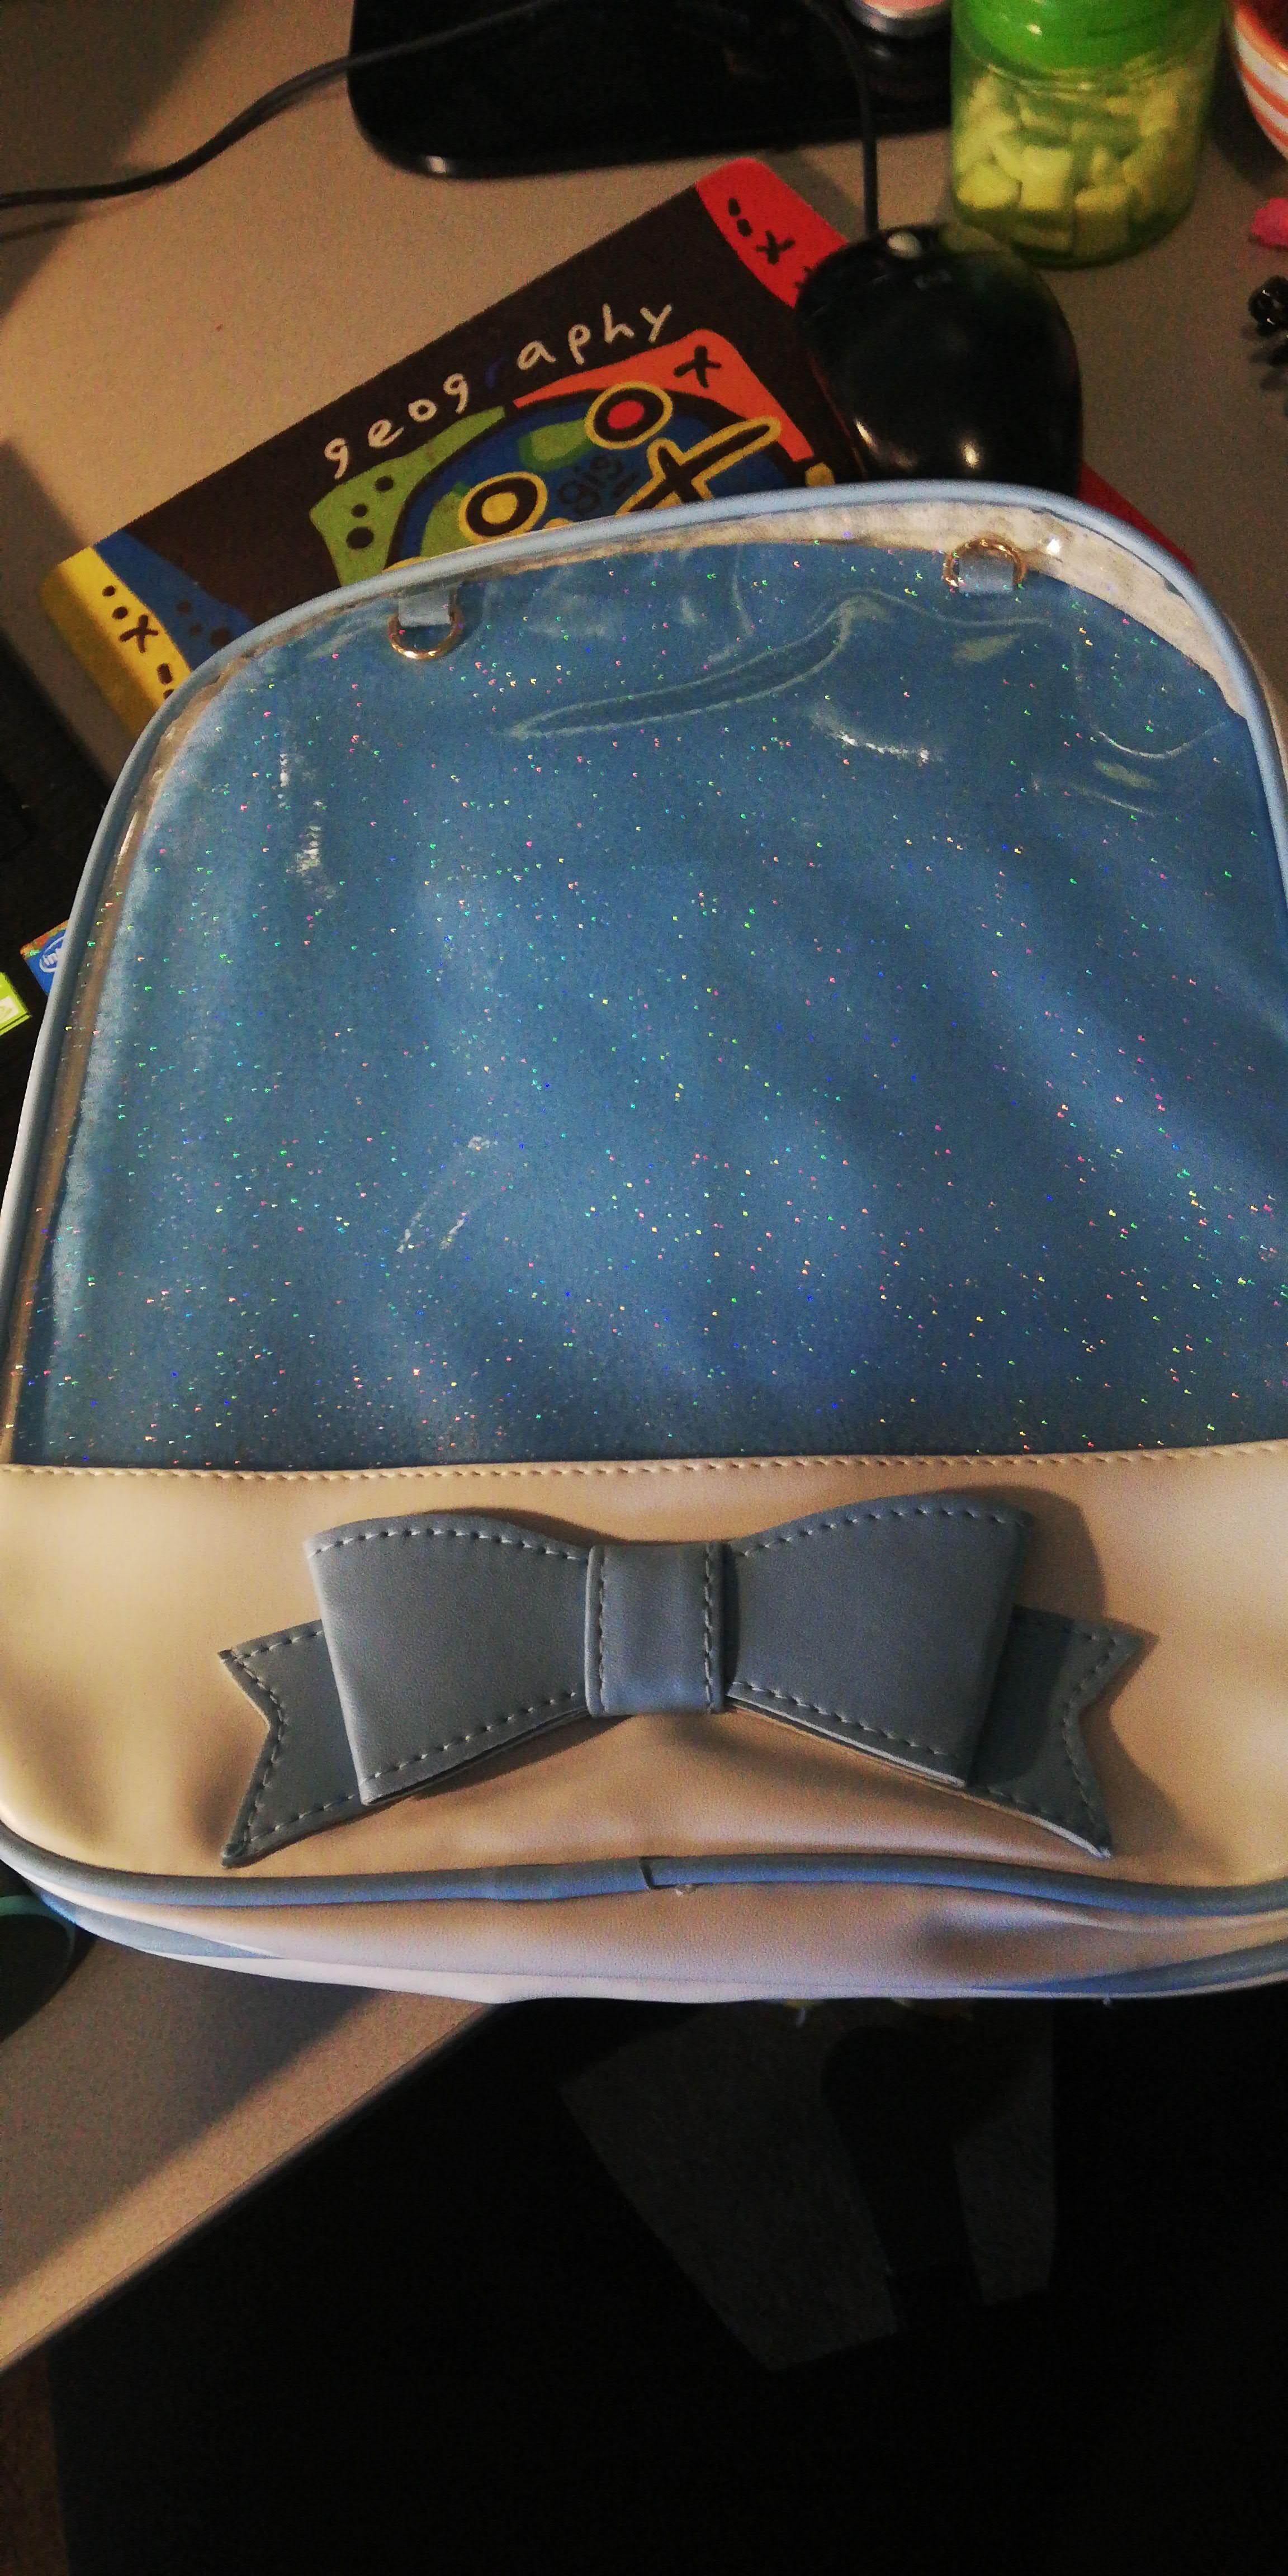 Clear Transparent Backpacks Women Harajuku Bow-knot Itabags Bags School Bags for Teenager Girls Designer Ita Bag Bookbag Bolsa photo review